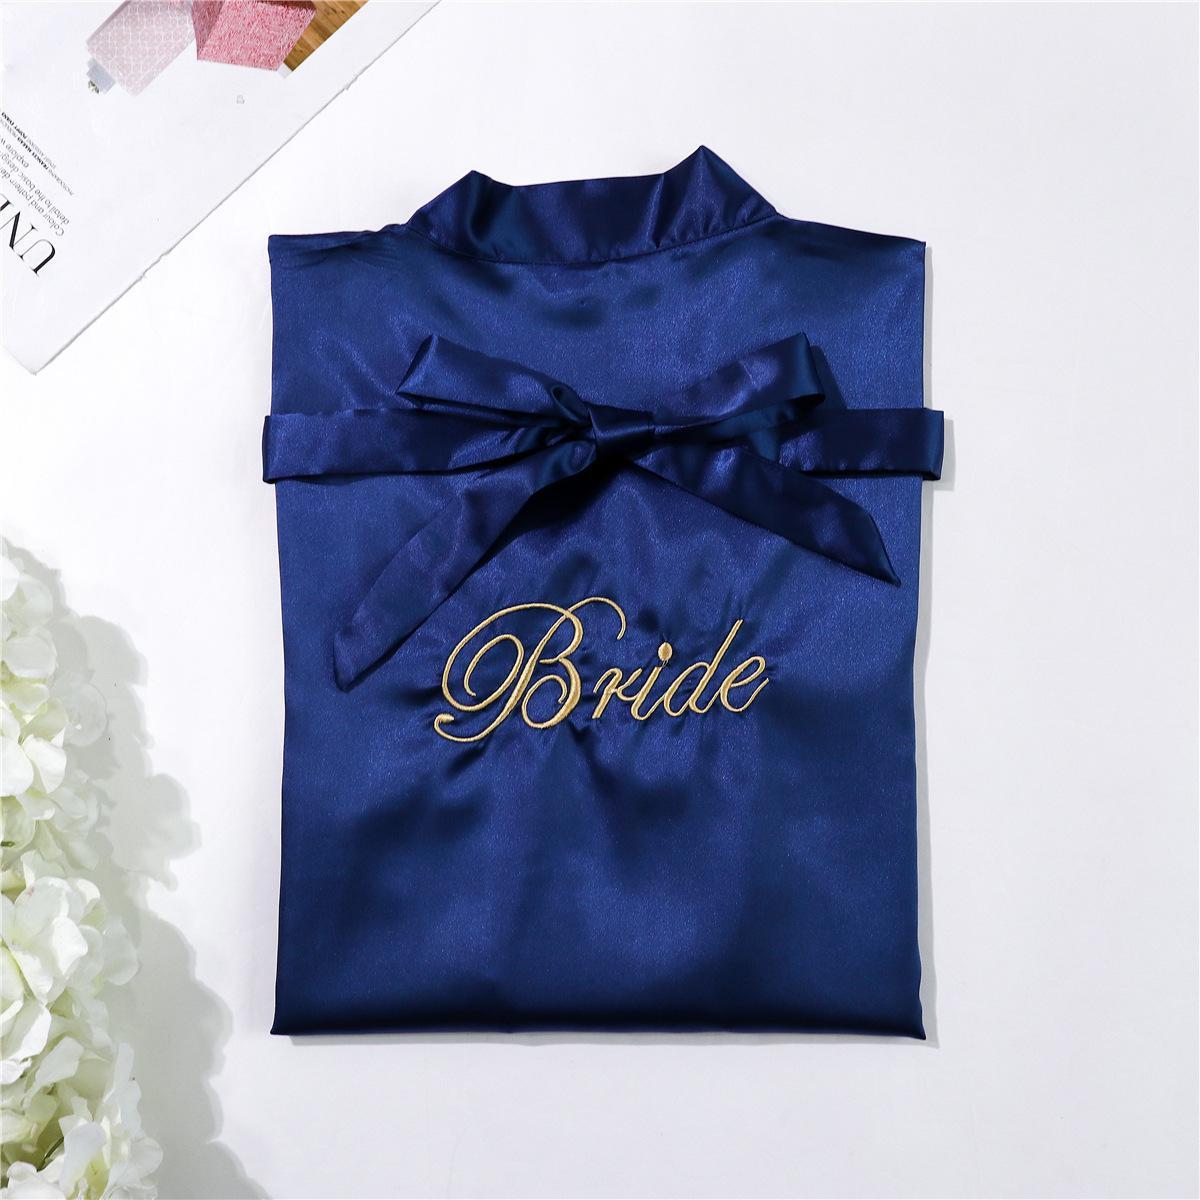 Bride - navy blue